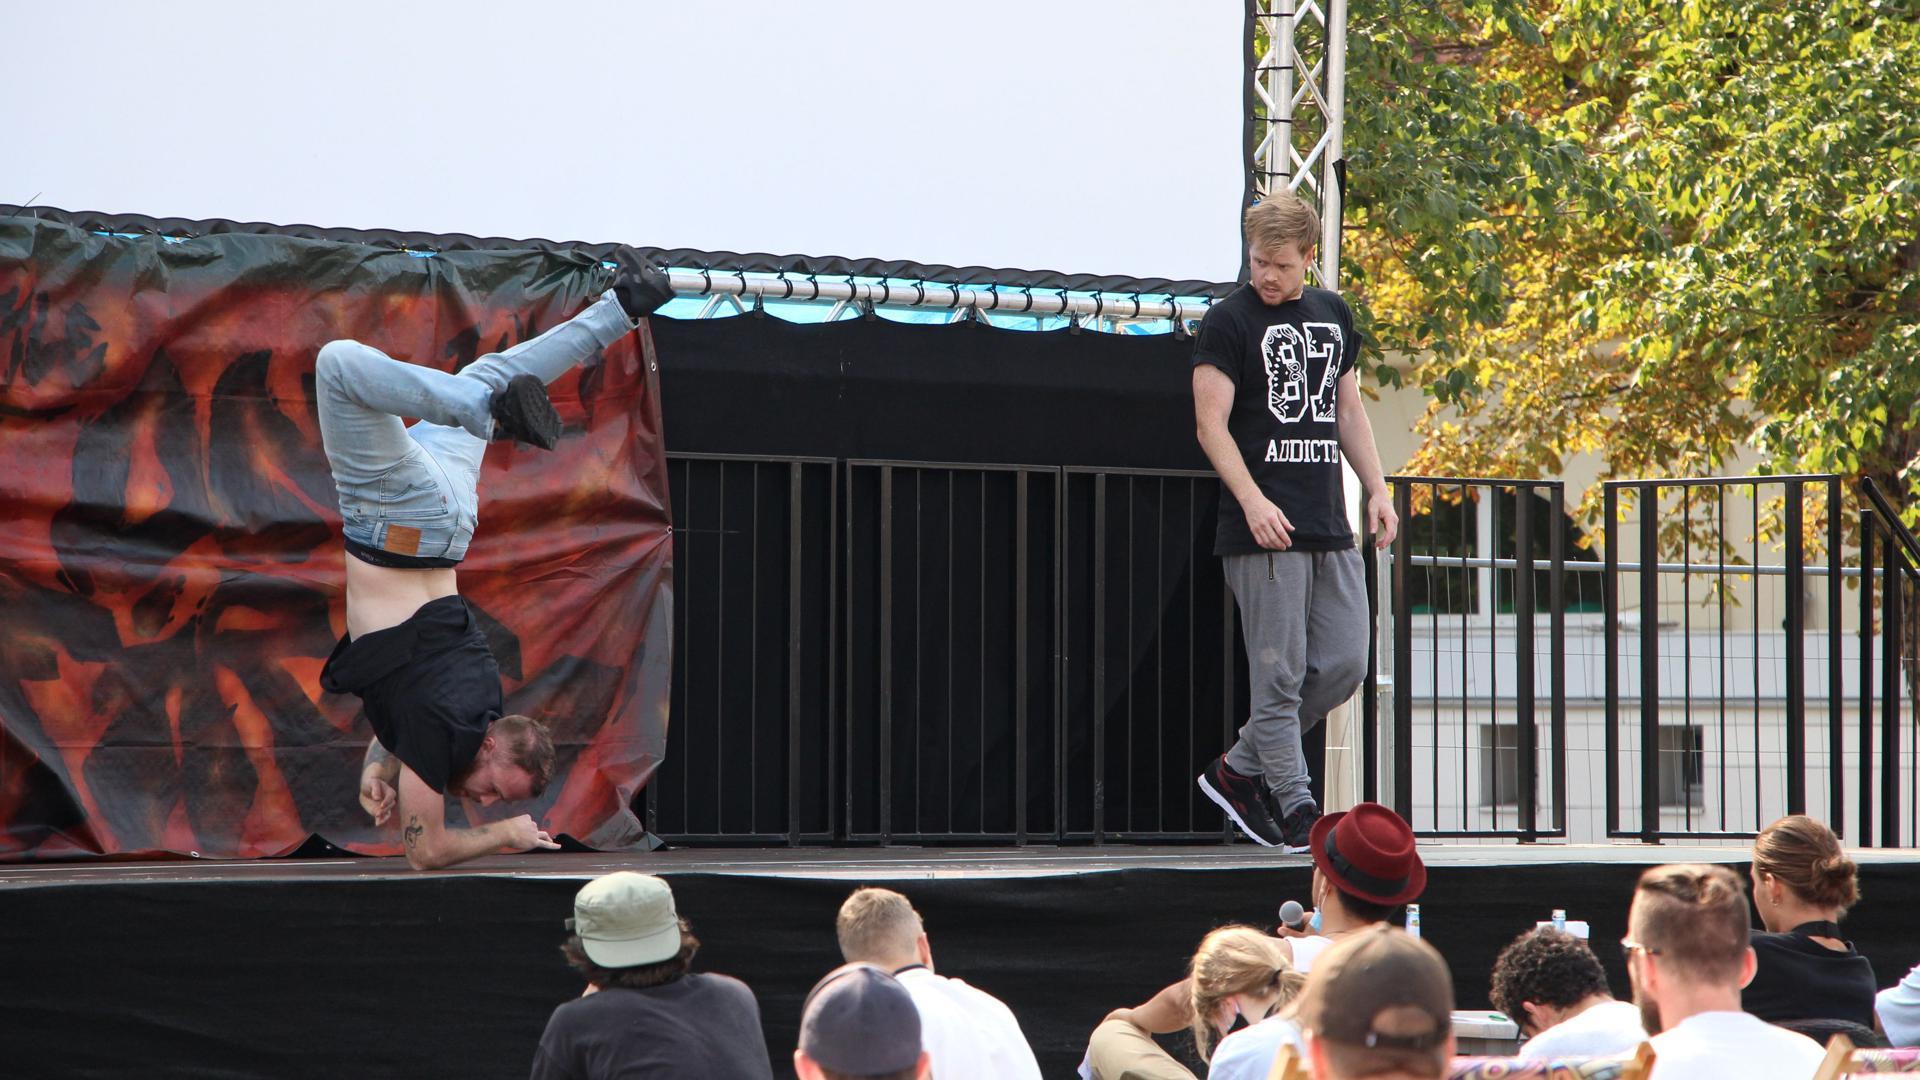 Zwei junge Männer auf einer Bühne